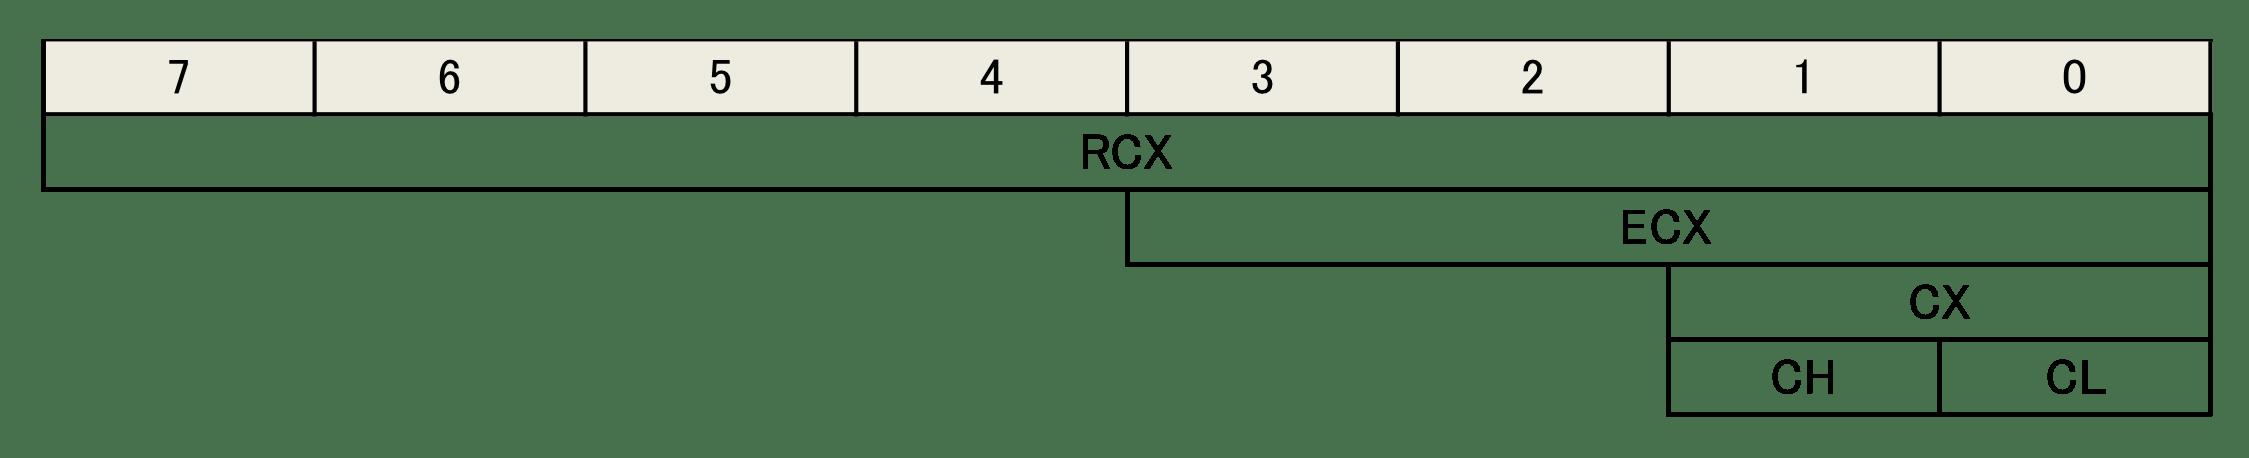 rcx.png